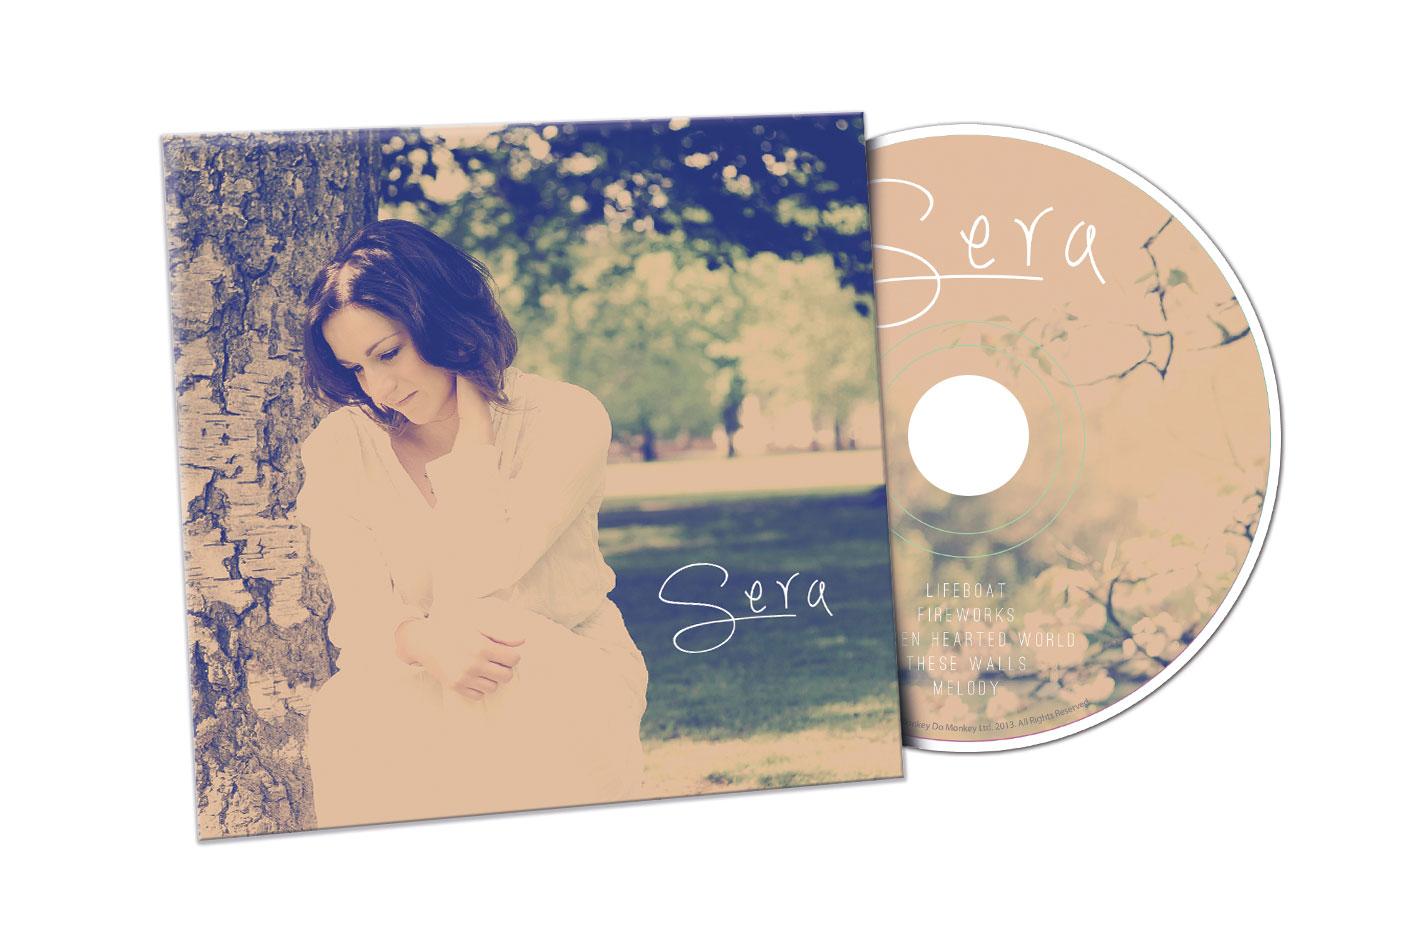 Sera-CD-Mock-up.jpg